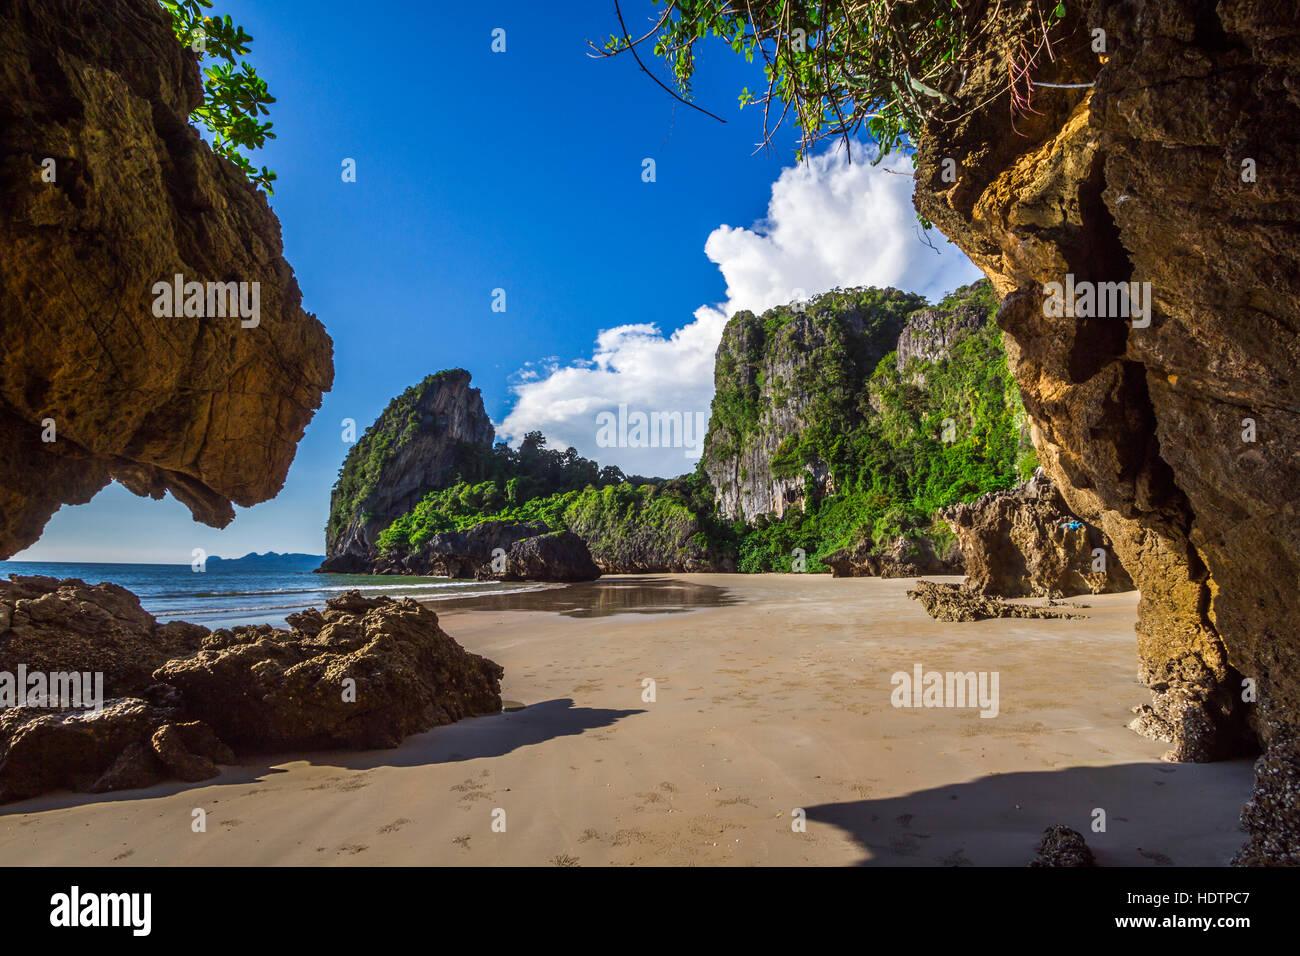 Plage de Hat Chao Mai parc national en Thaïlande Photo Stock